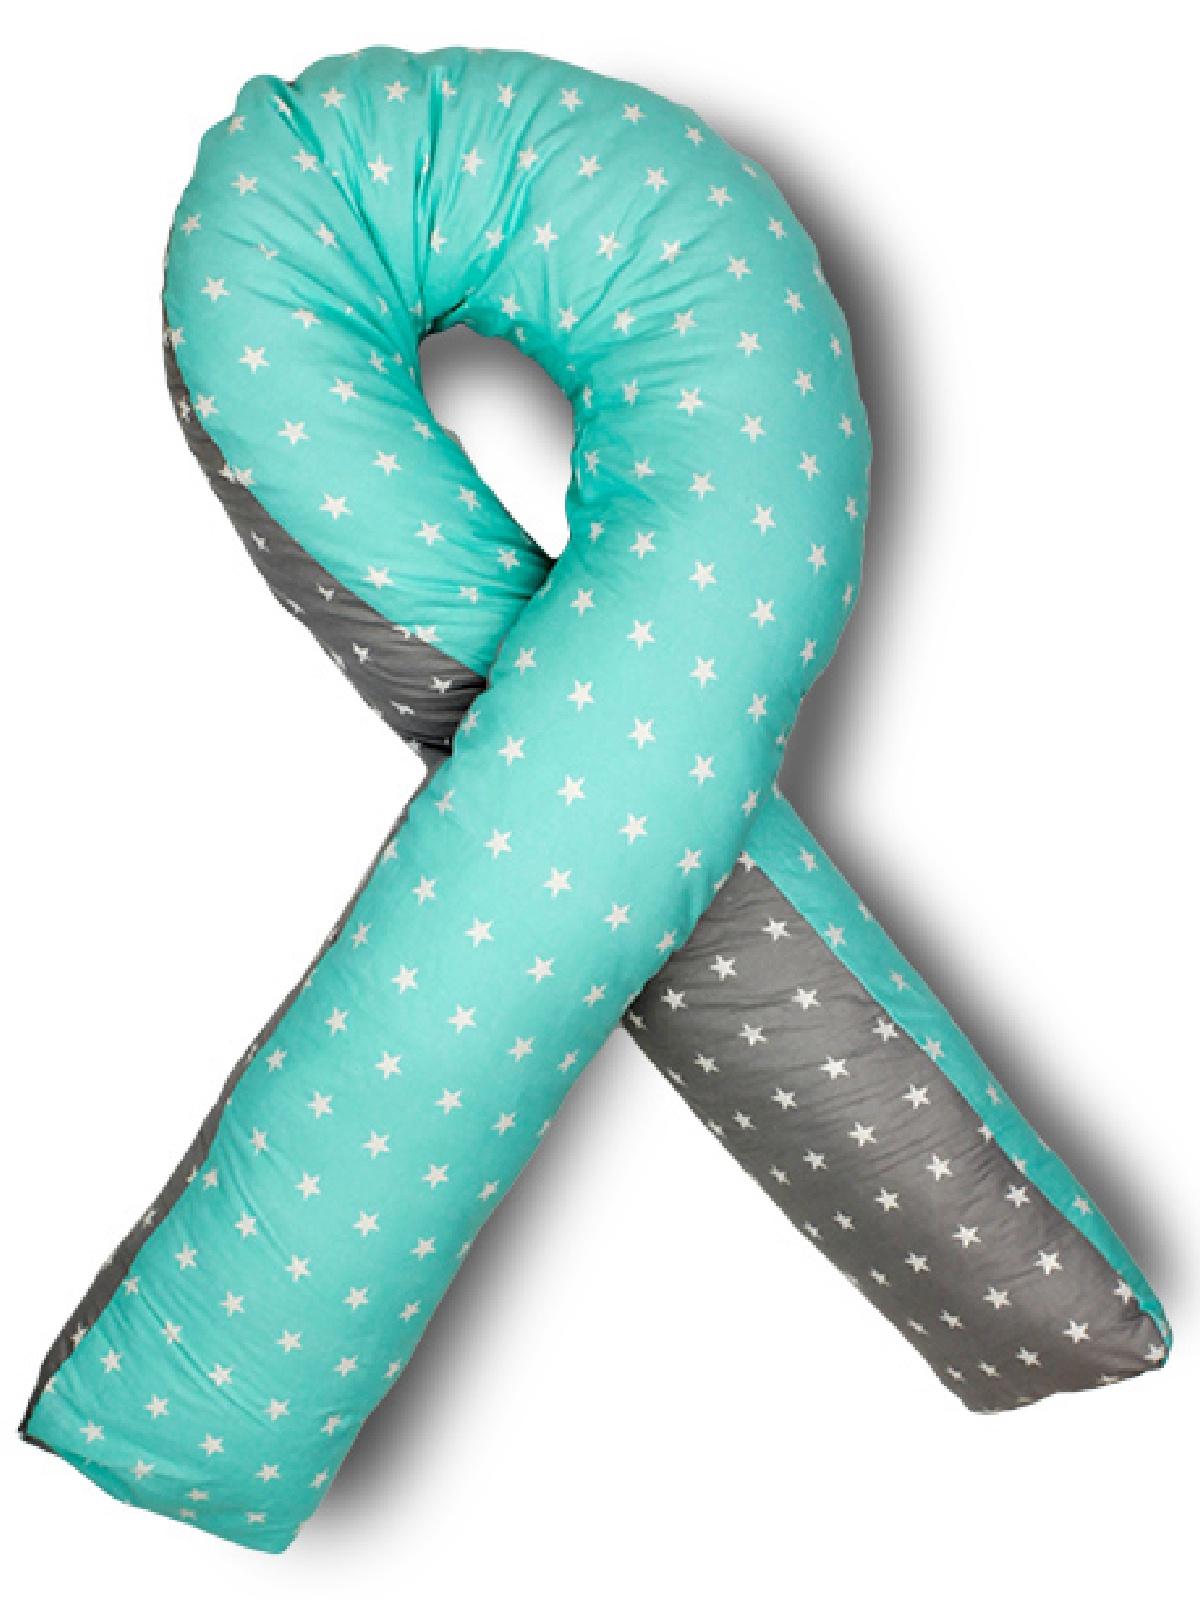 Подушка для кормящих и беременных Body Pillow форма U звезды комби, пенополистирол, серый, лазурный